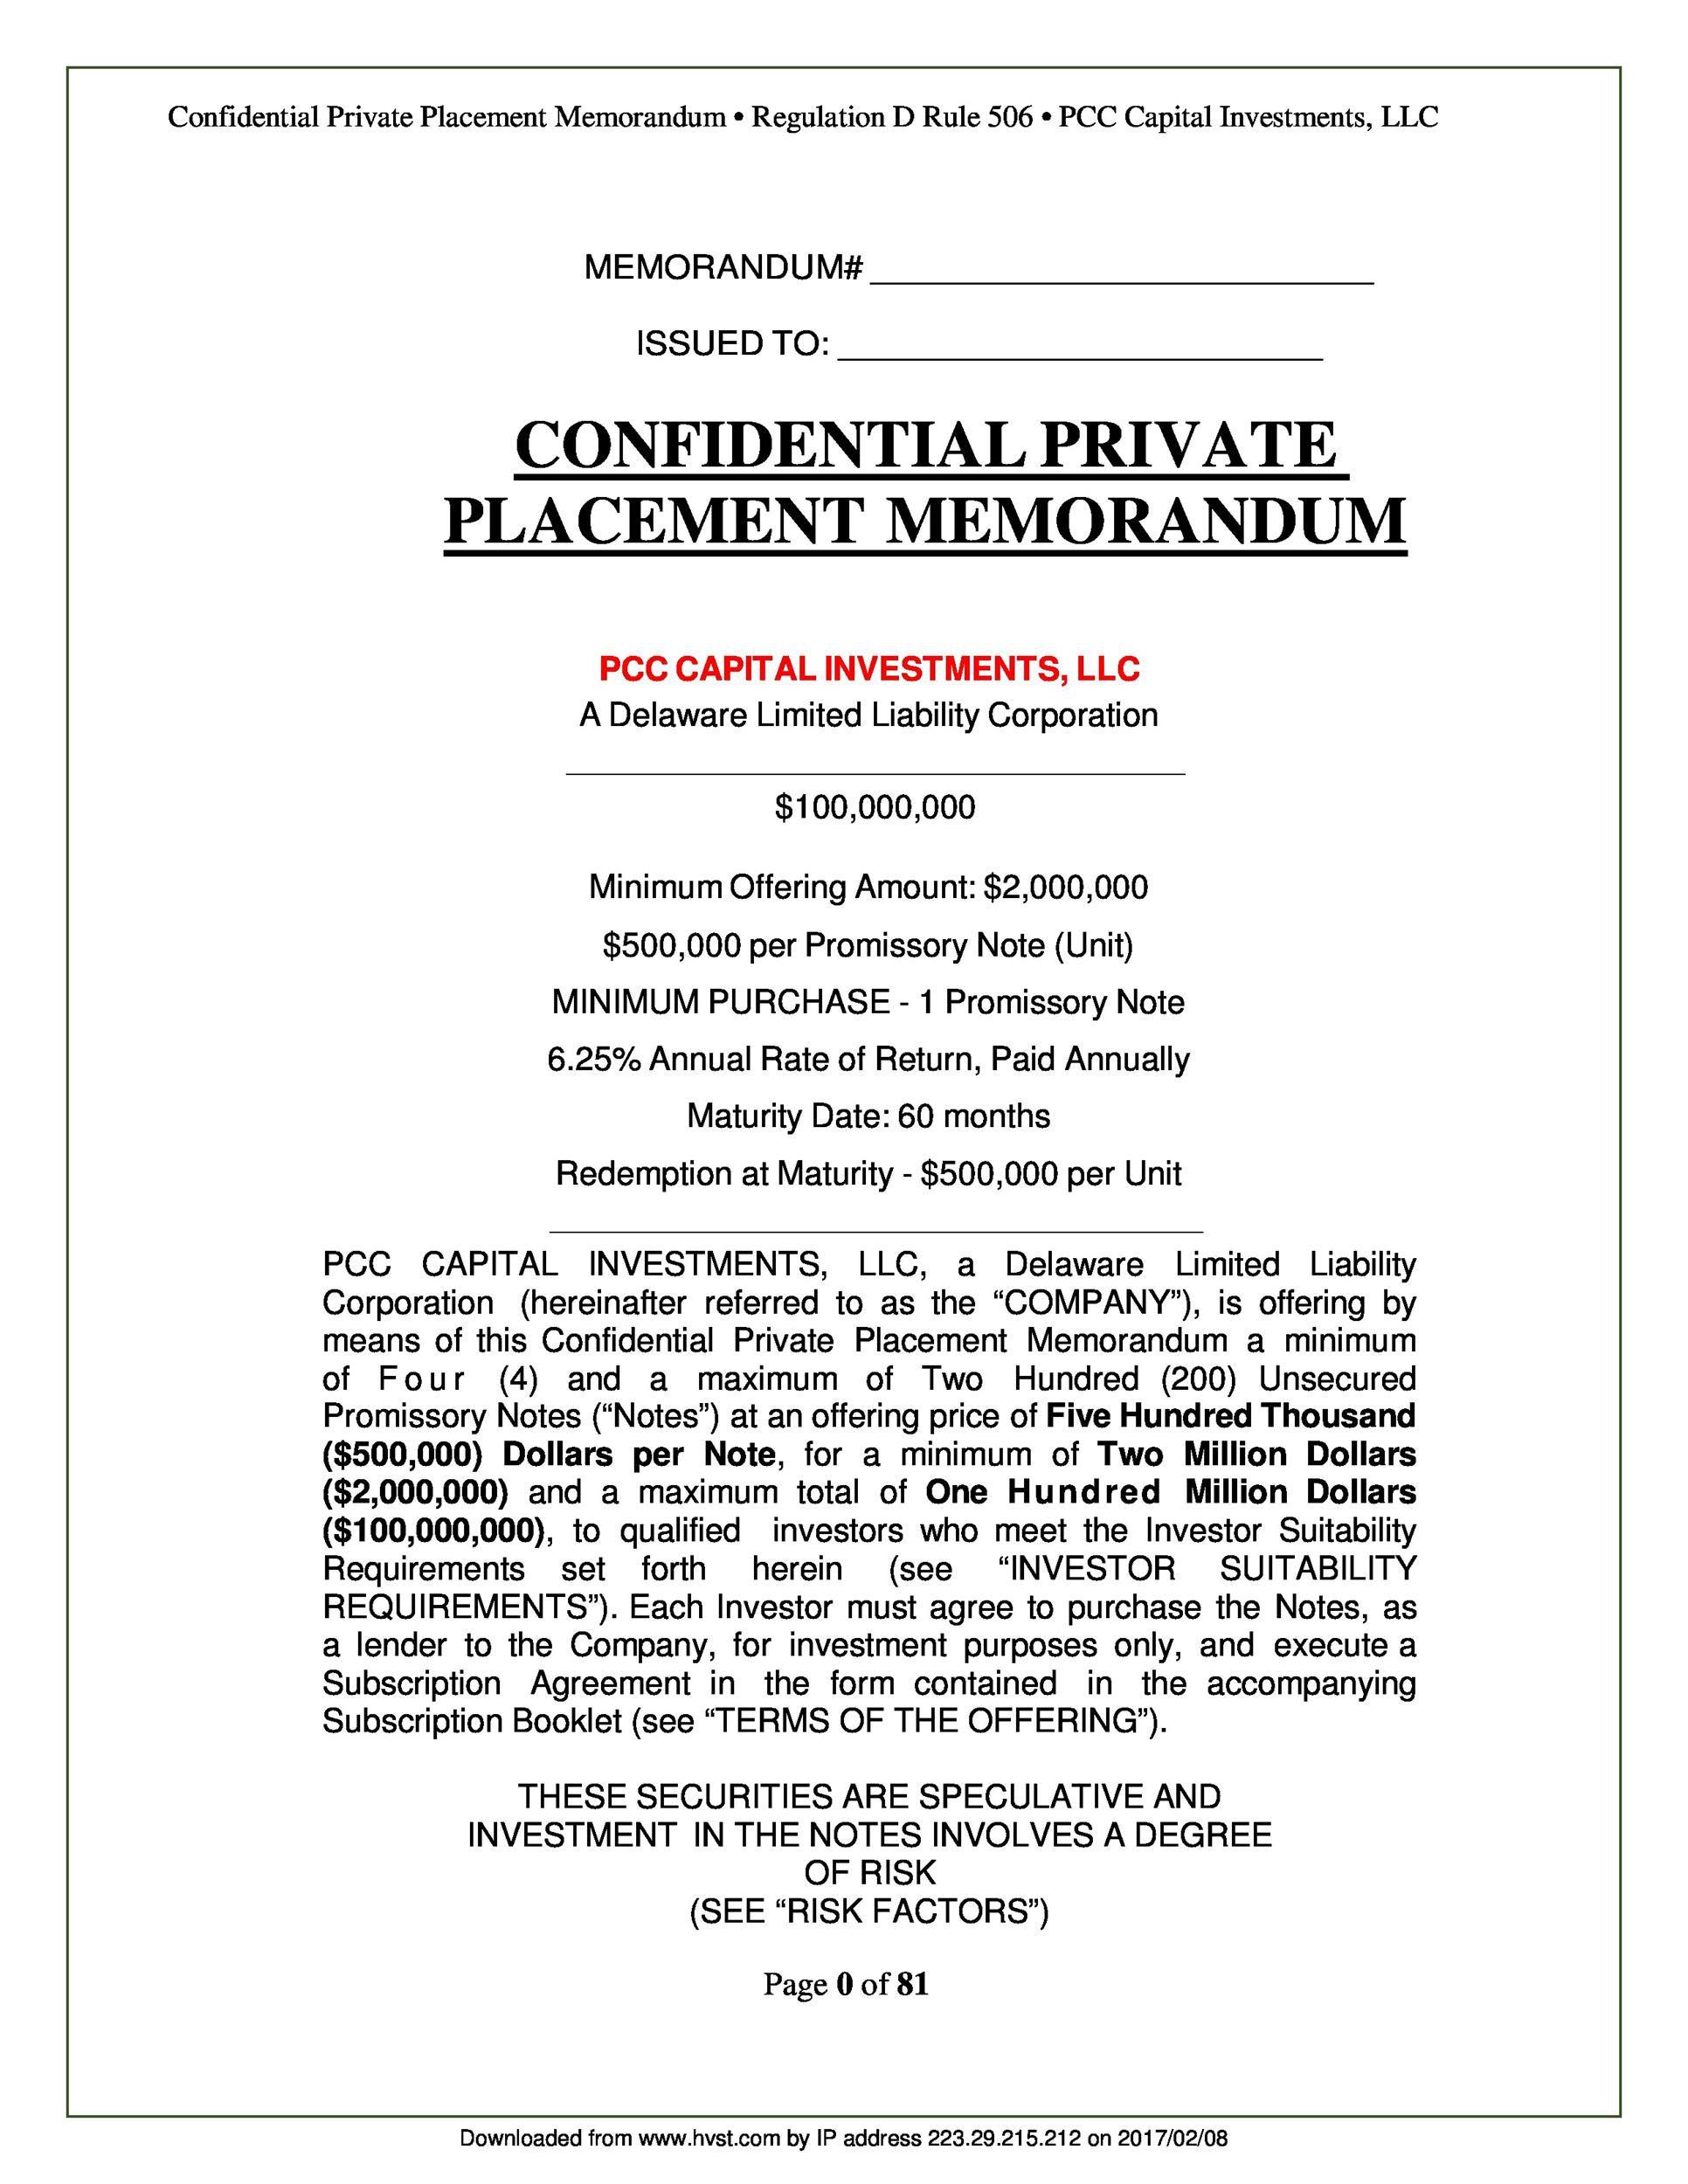 001 Fantastic Free Sample Private Placement Memorandum Template Inspiration Full